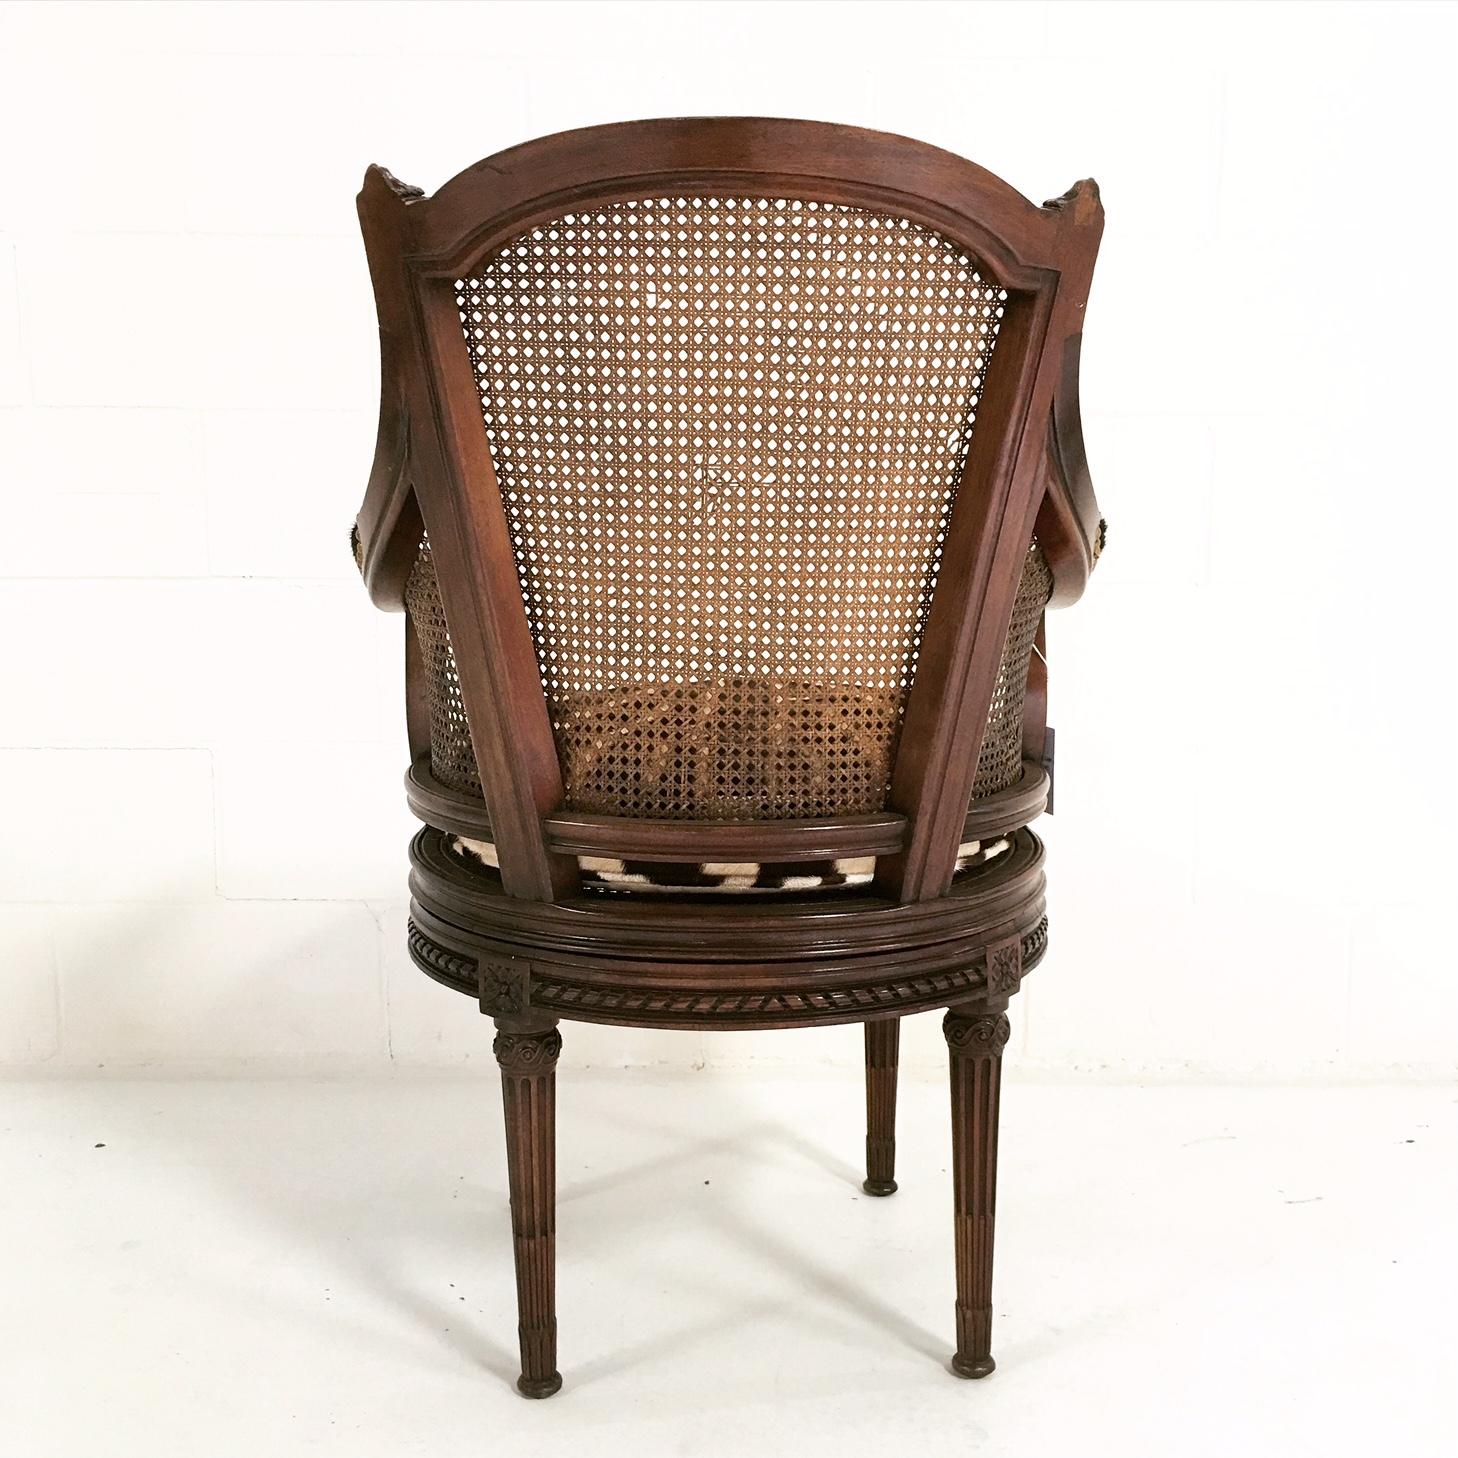 18th Century George Jacob Mahogany U0026 Cane Swivel Bergere With Custom Zebra  Cushion   Image 5